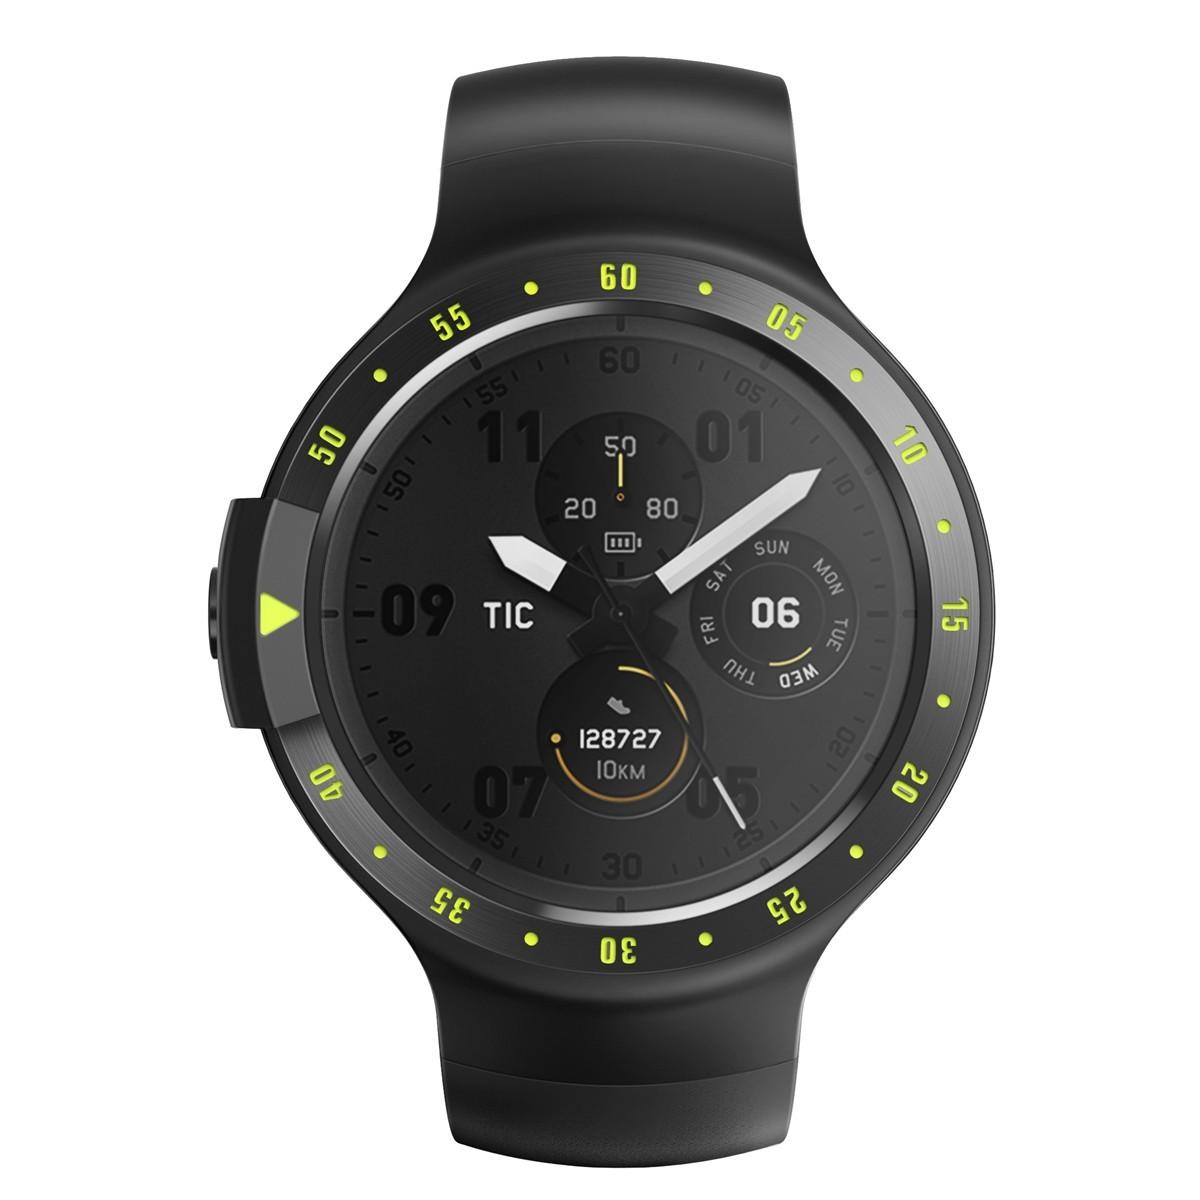 Relógio de Pulso TicWatch Sport SmartWatch com Pulseira de Borracha Unissex PXPX WF12066 - Preto